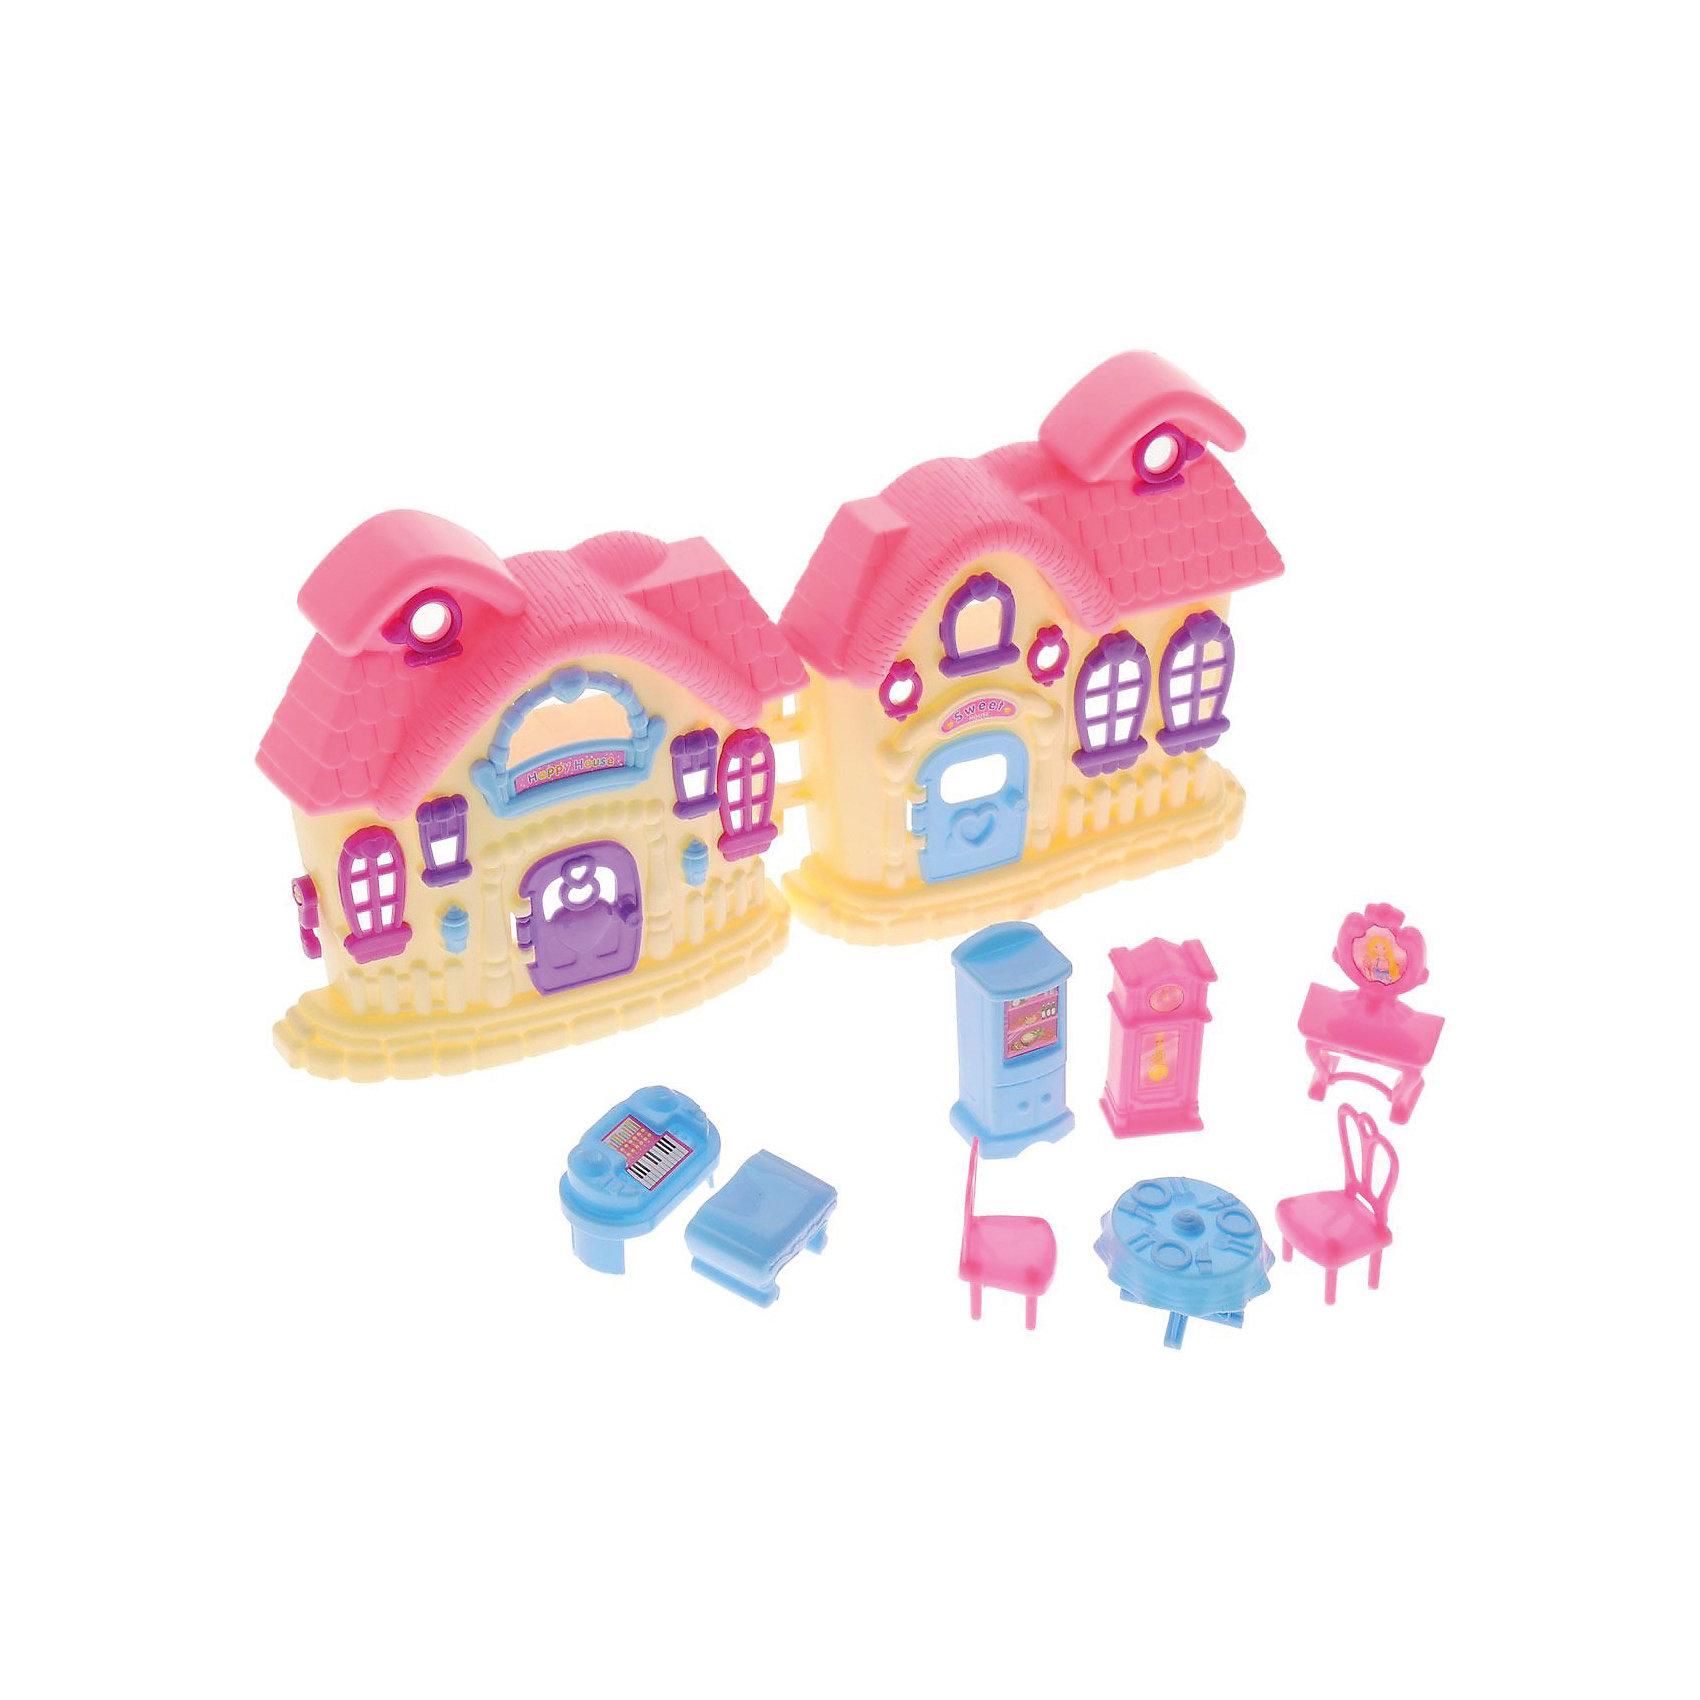 Дом В гостях у куклы, с аксессуарами, ABtoysДомики и мебель<br>Дом В гостях у куклы, с аксессуарами, ABtoys (АБтойс) – этот игровой набор привлечет внимание вашей малышки и не позволит ей скучать.<br>Игровой набор В гостях у куклы от компании ABtoys (АБтойс) включает в себя множество самых разных аксессуаров, которые сделают любую игру еще более увлекательной. Кукольный дом имеет 5 окон и фиолетовую дверь, которую можно открывать и закрывать. Голубая и розовая мебель для обстановки комнат понравится каждой девочке. Ваша малышка часами будет играть с набором, придумывая разные истории. Порадуйте ее таким замечательным подарком!<br><br>Дополнительная информация:<br><br>- В наборе: дом, 2 стула, стол, часы, холодильник, фортепиано, туалетный столик, банкетка<br>- Домик подходит для кукол высотой около 6 см.<br>- Цвет: розовый, желтый, голубой, фиолетовый<br>- Материал: пластик<br>- Размер упаковки: 21,5 x 10 x 29,5 см.<br>- Вес: 417 гр.<br><br>Дом В гостях у куклы, с аксессуарами, ABtoys (АБтойс) можно купить в нашем интернет-магазине.<br><br>Ширина мм: 215<br>Глубина мм: 100<br>Высота мм: 295<br>Вес г: 417<br>Возраст от месяцев: 36<br>Возраст до месяцев: 120<br>Пол: Женский<br>Возраст: Детский<br>SKU: 4622665